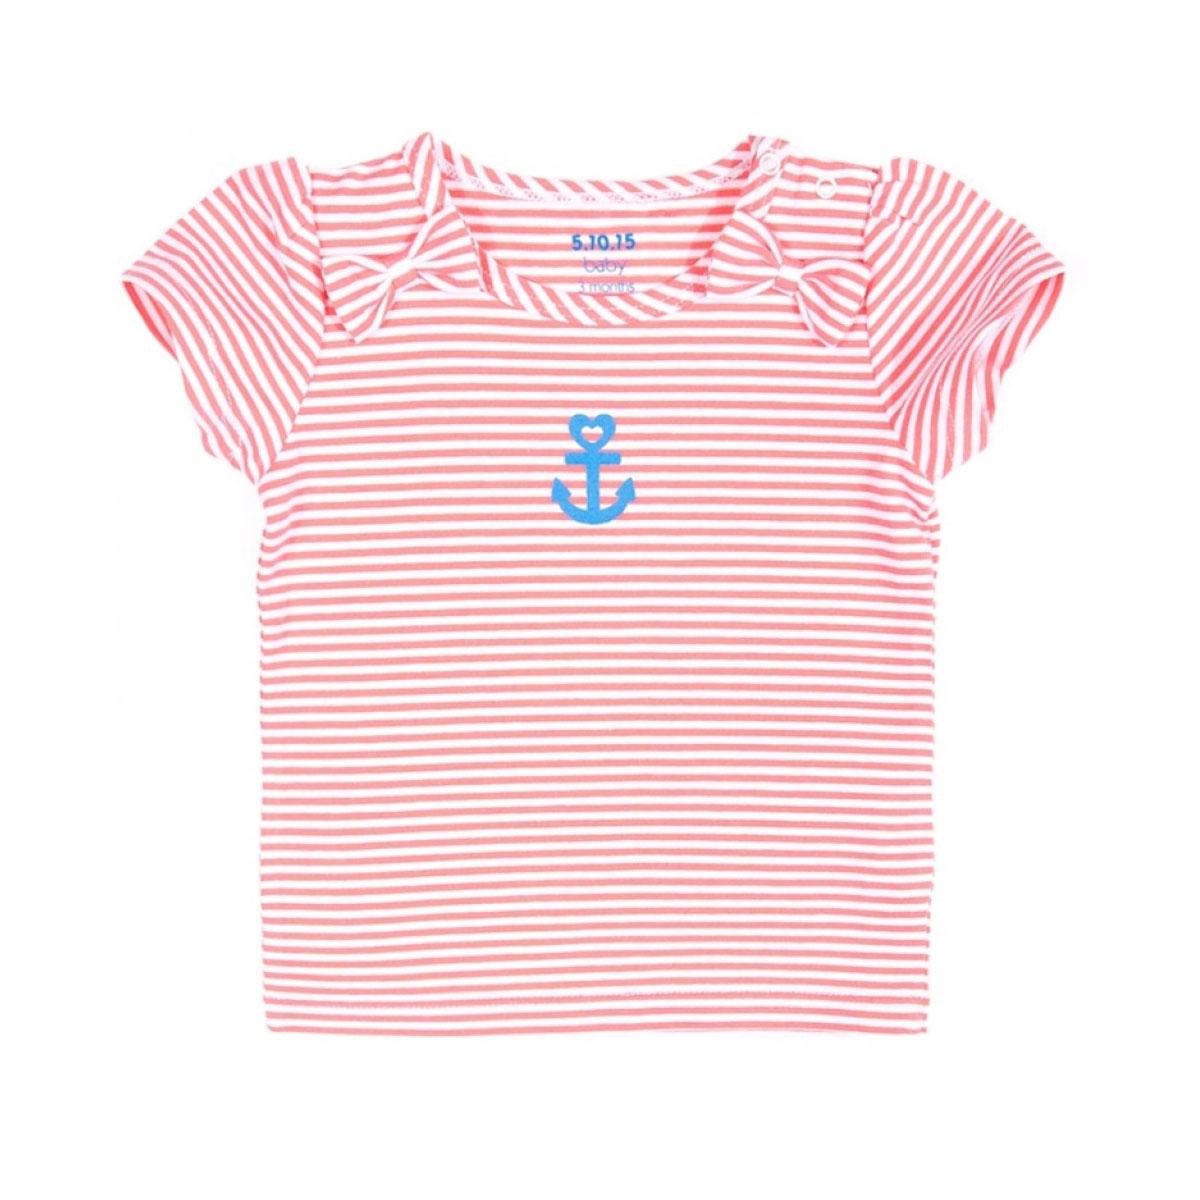 Блузка 5.10.15 светло-розовая Размер 74